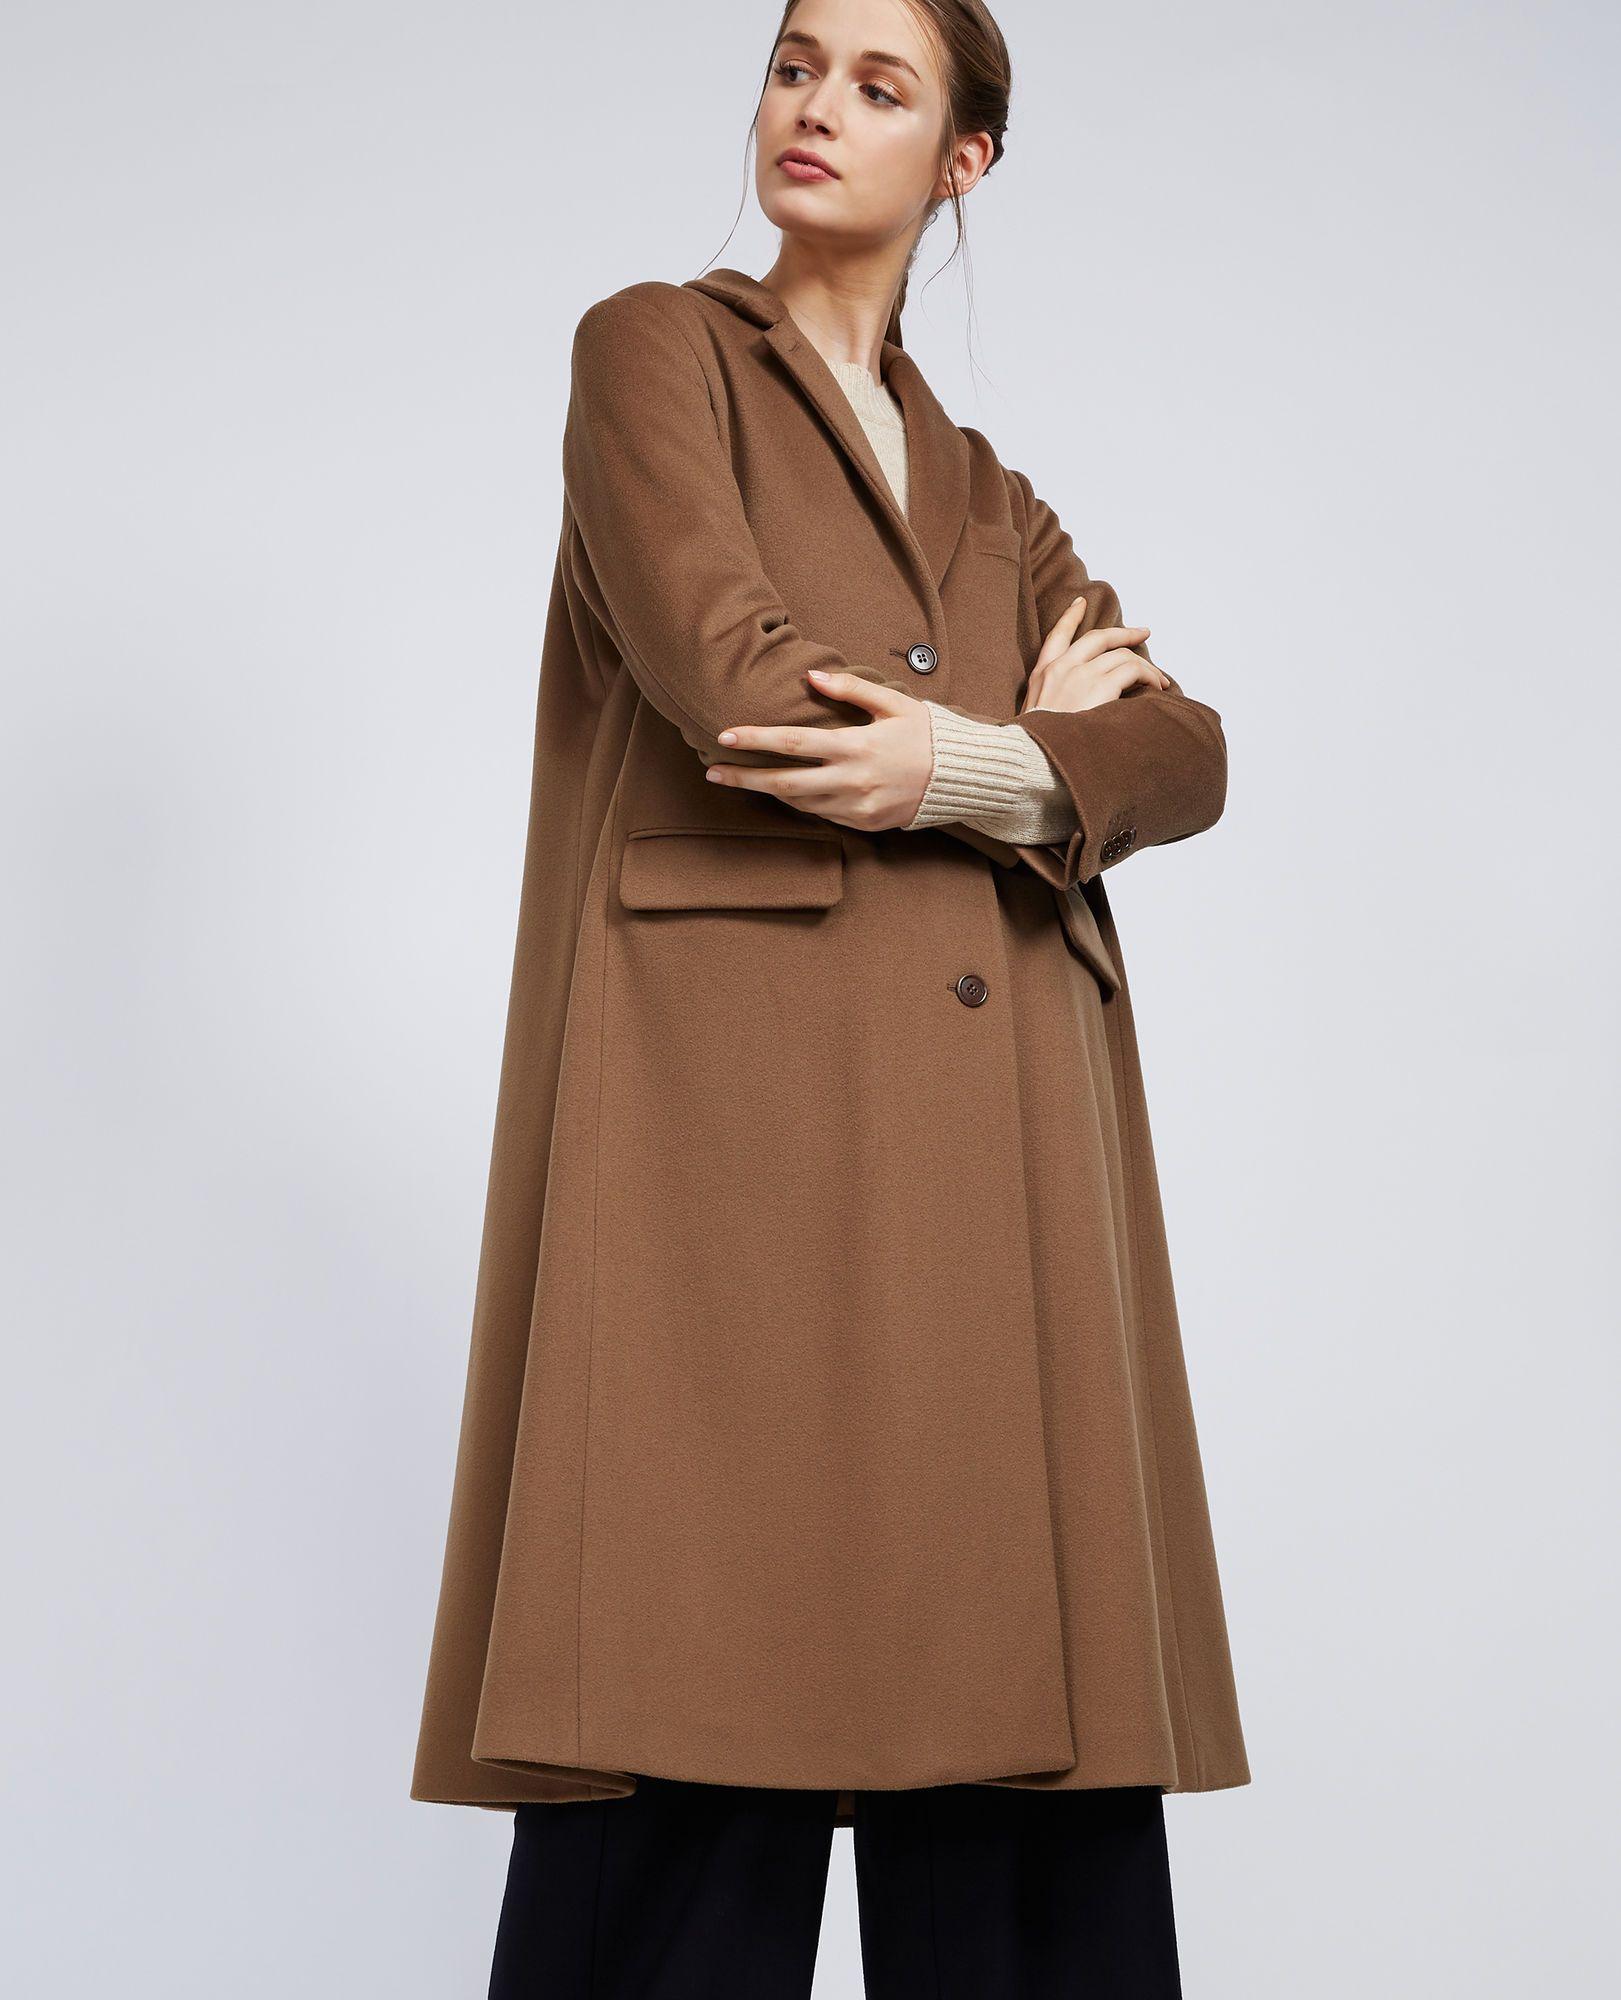 cappotti autunno 2018, tendenza cappotti autunno 2018, cappotti cammello